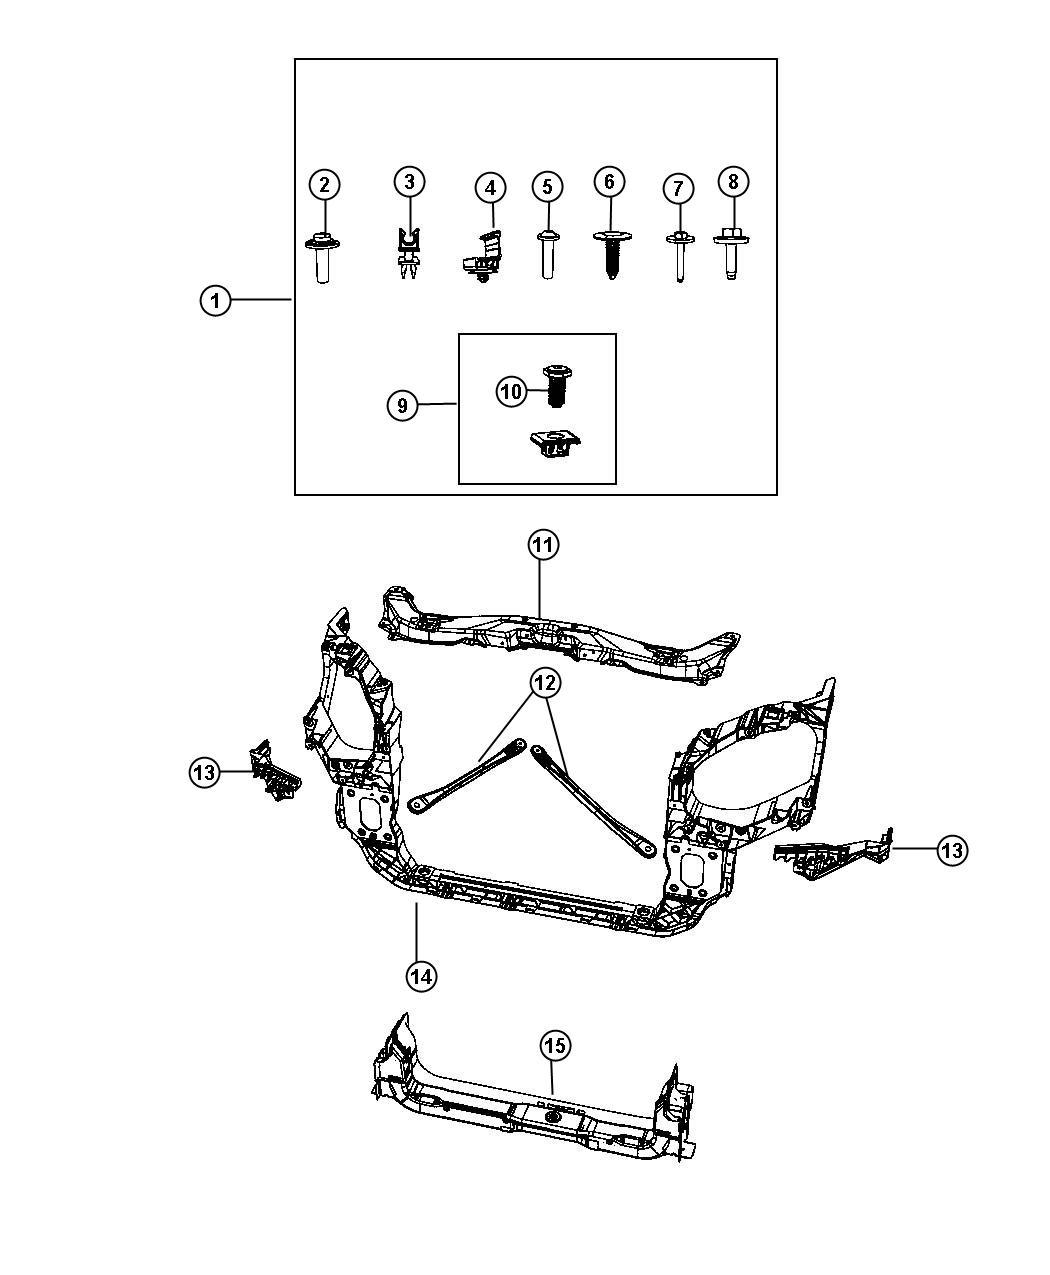 Fender To Radiator Brace Removal Dodge Dakota